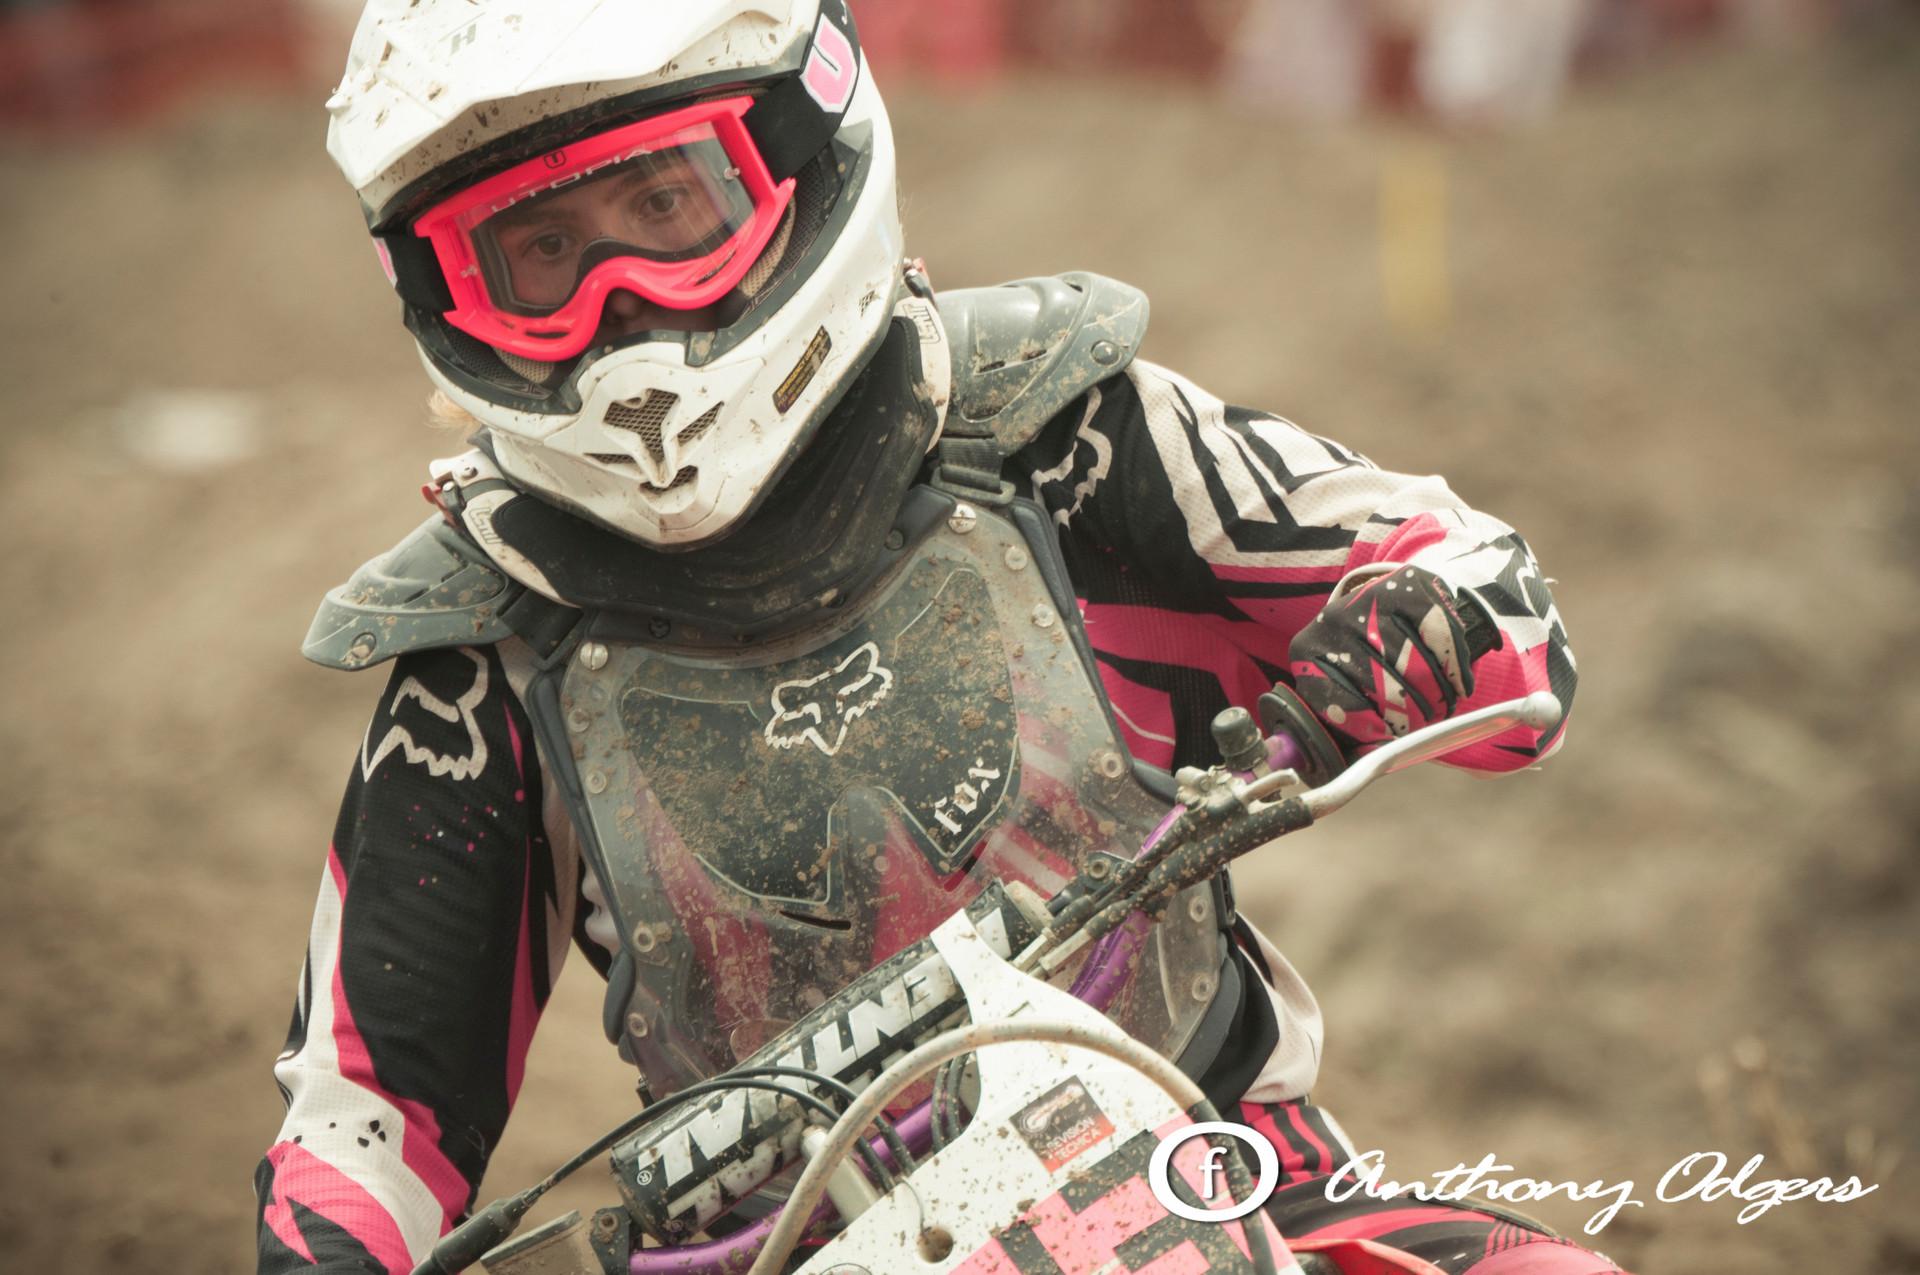 2013-01-06-Motocross Enduro-2.jpg